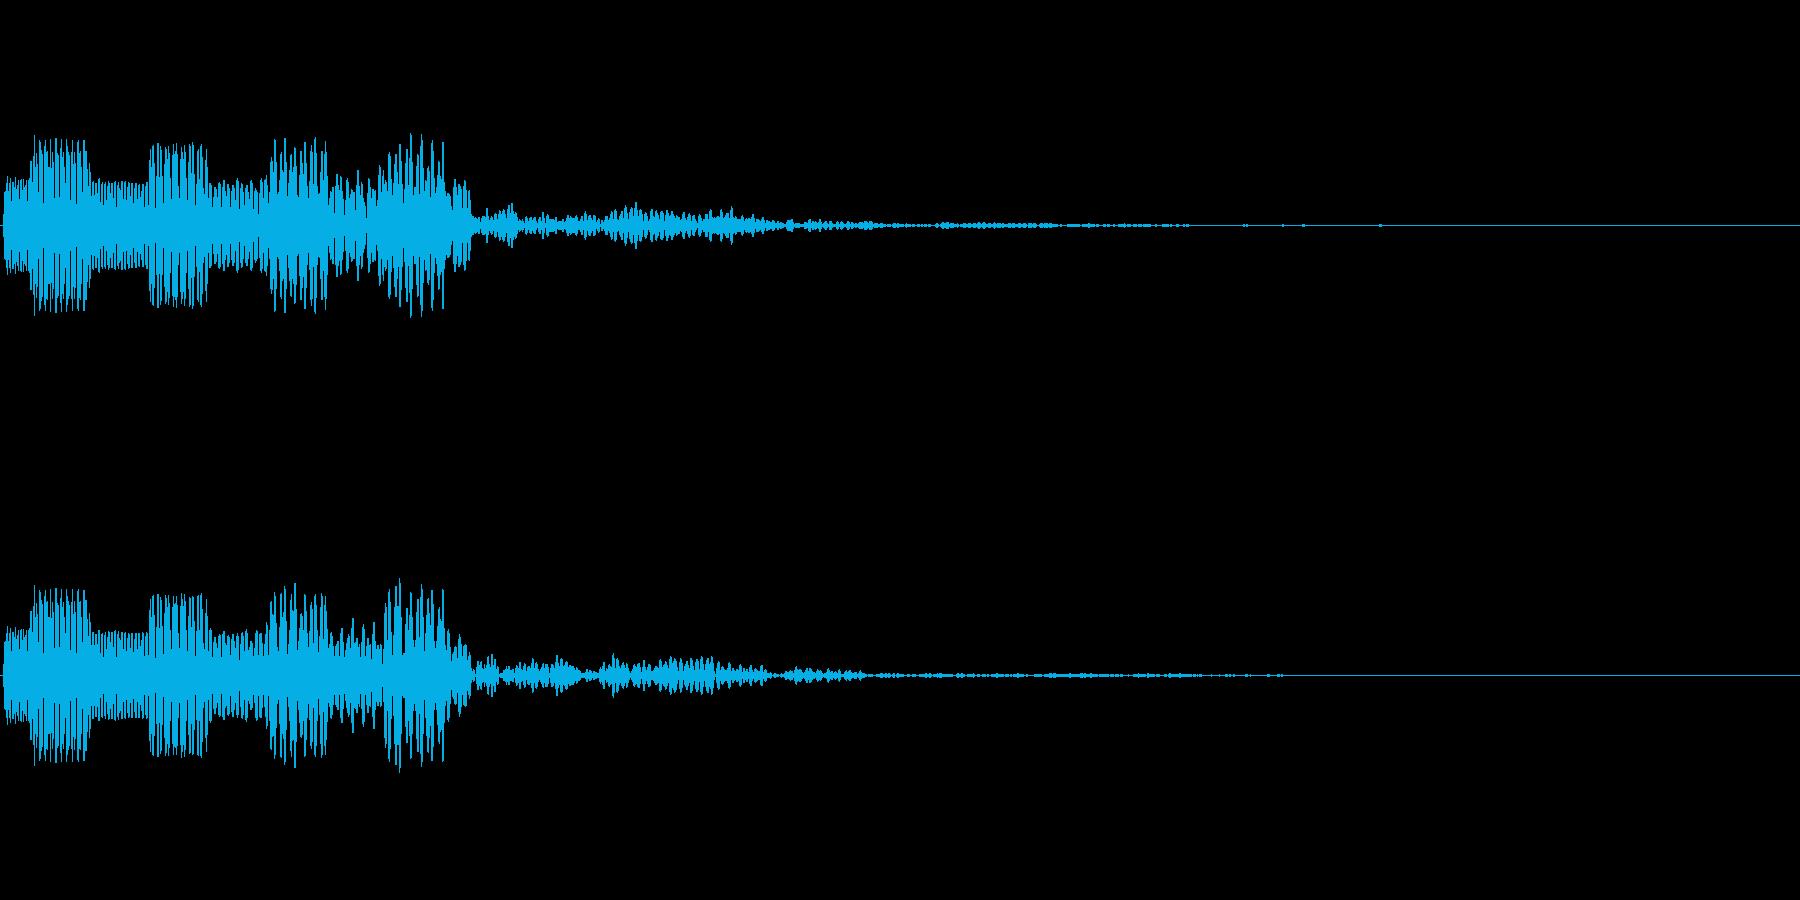 シュルン(ゲーム・アプリのキャンセル音)の再生済みの波形